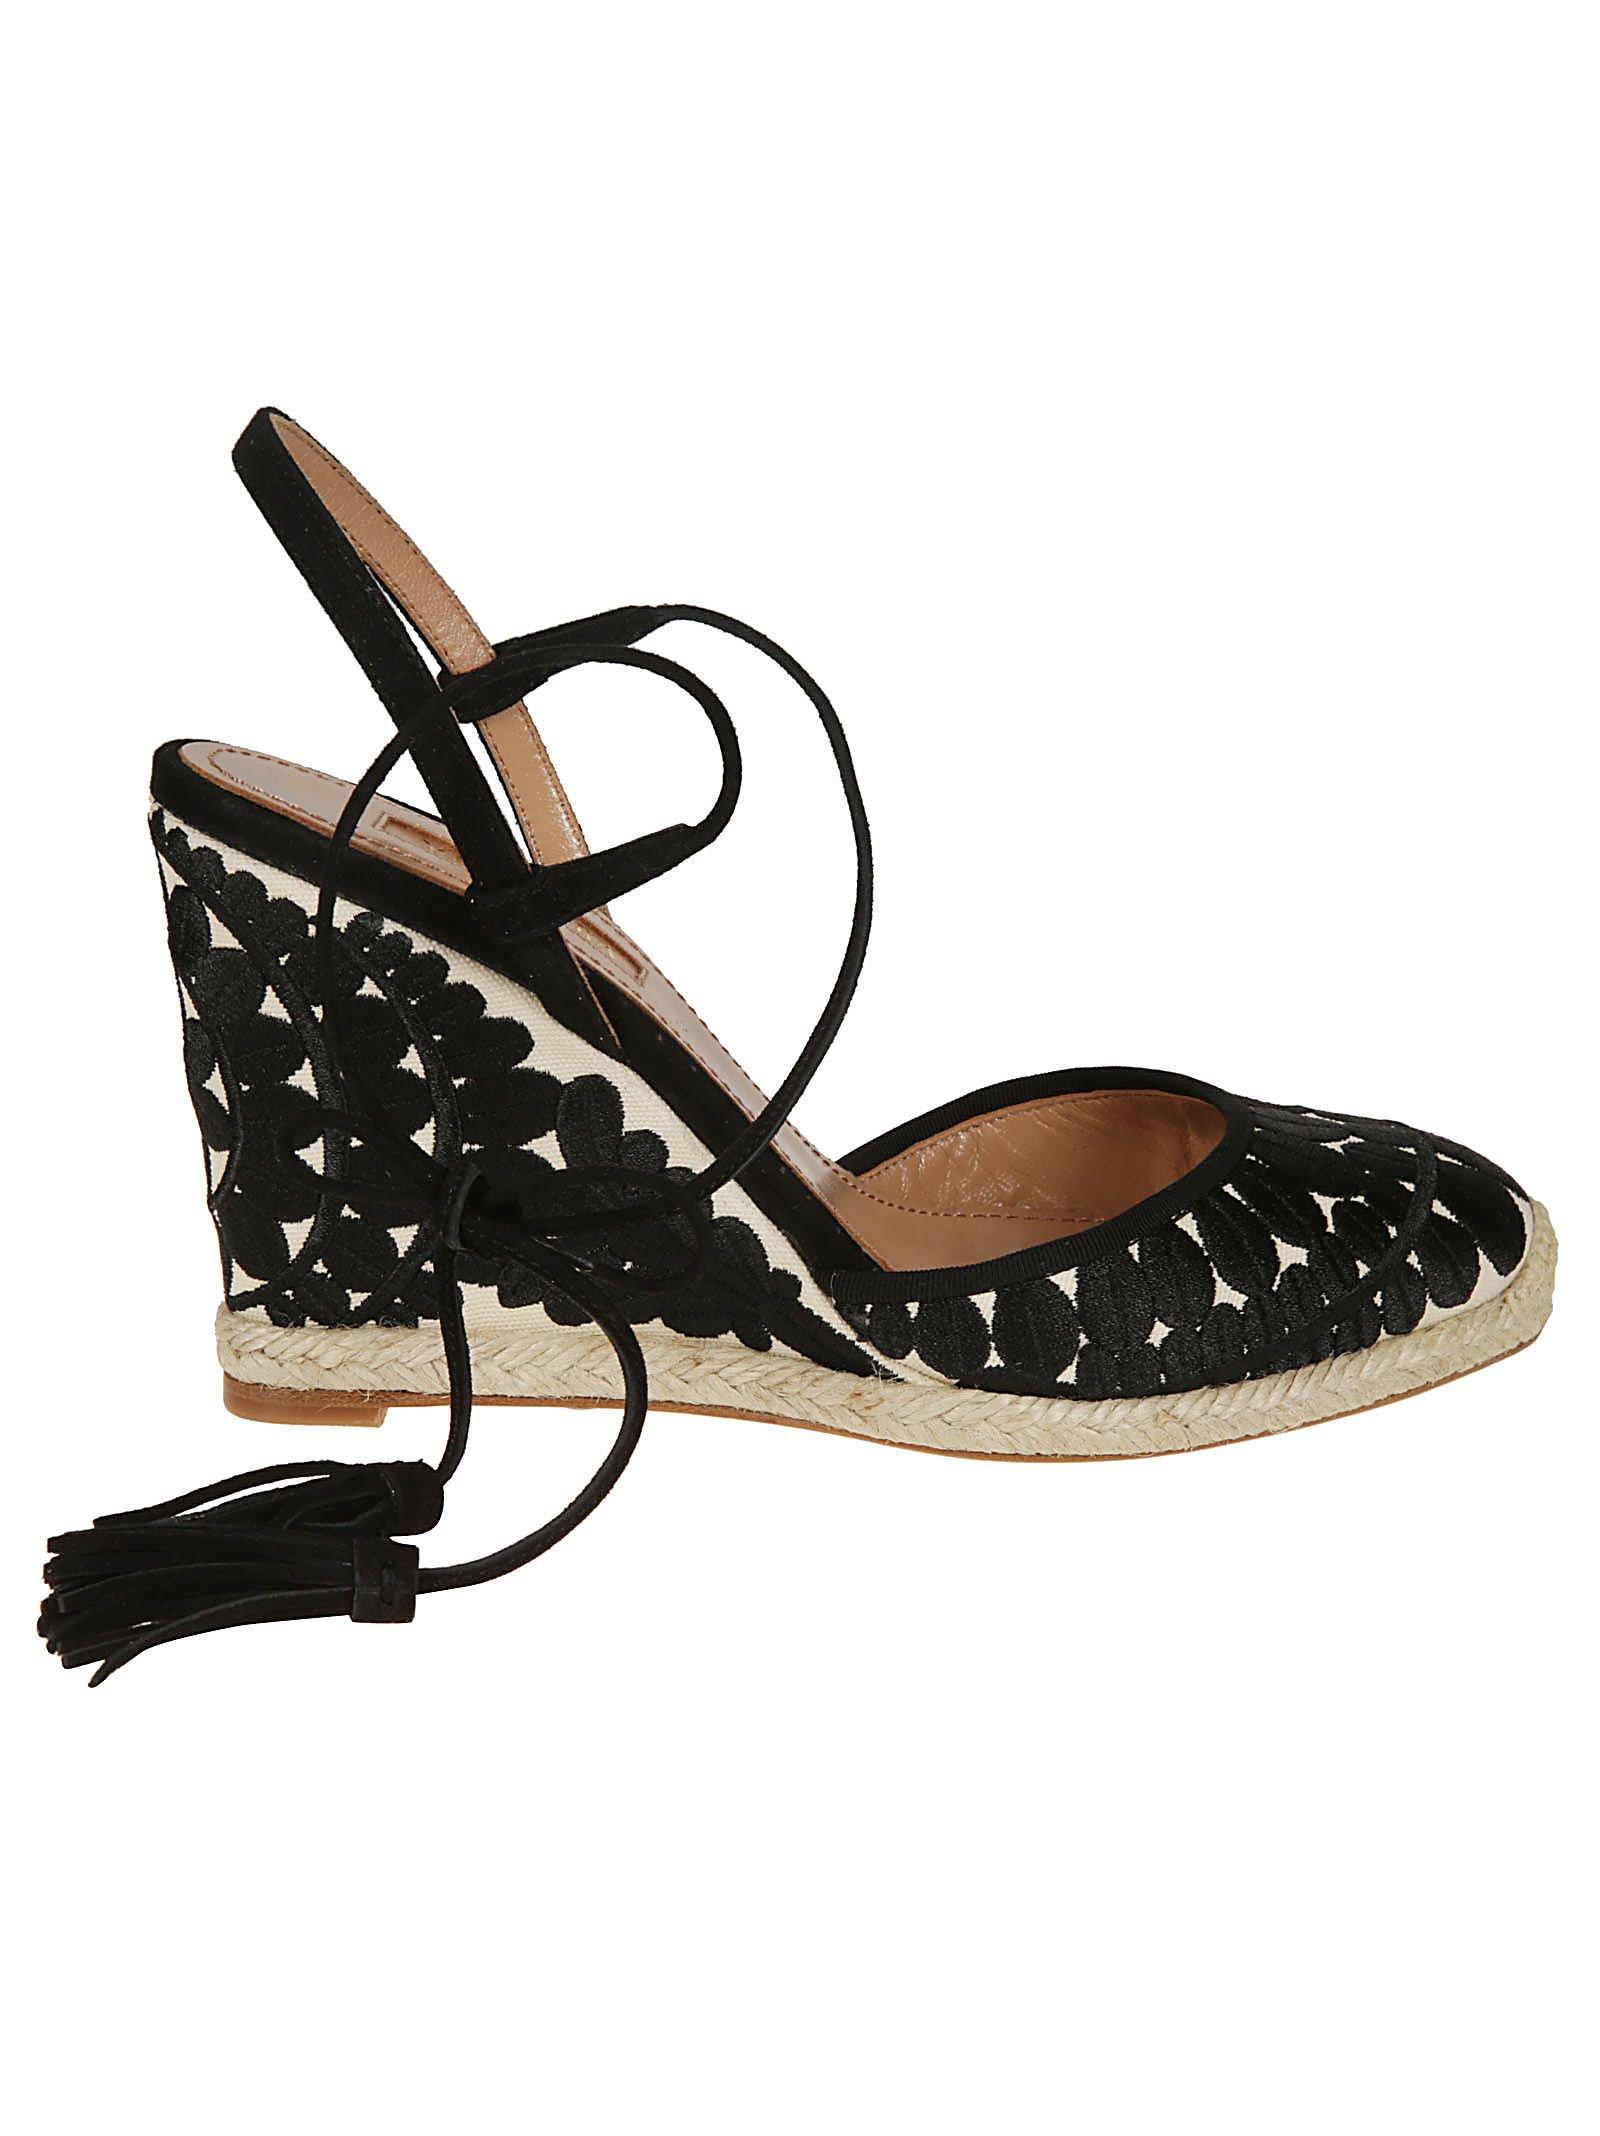 Aquazzura Espadrilles Wedge Sandals